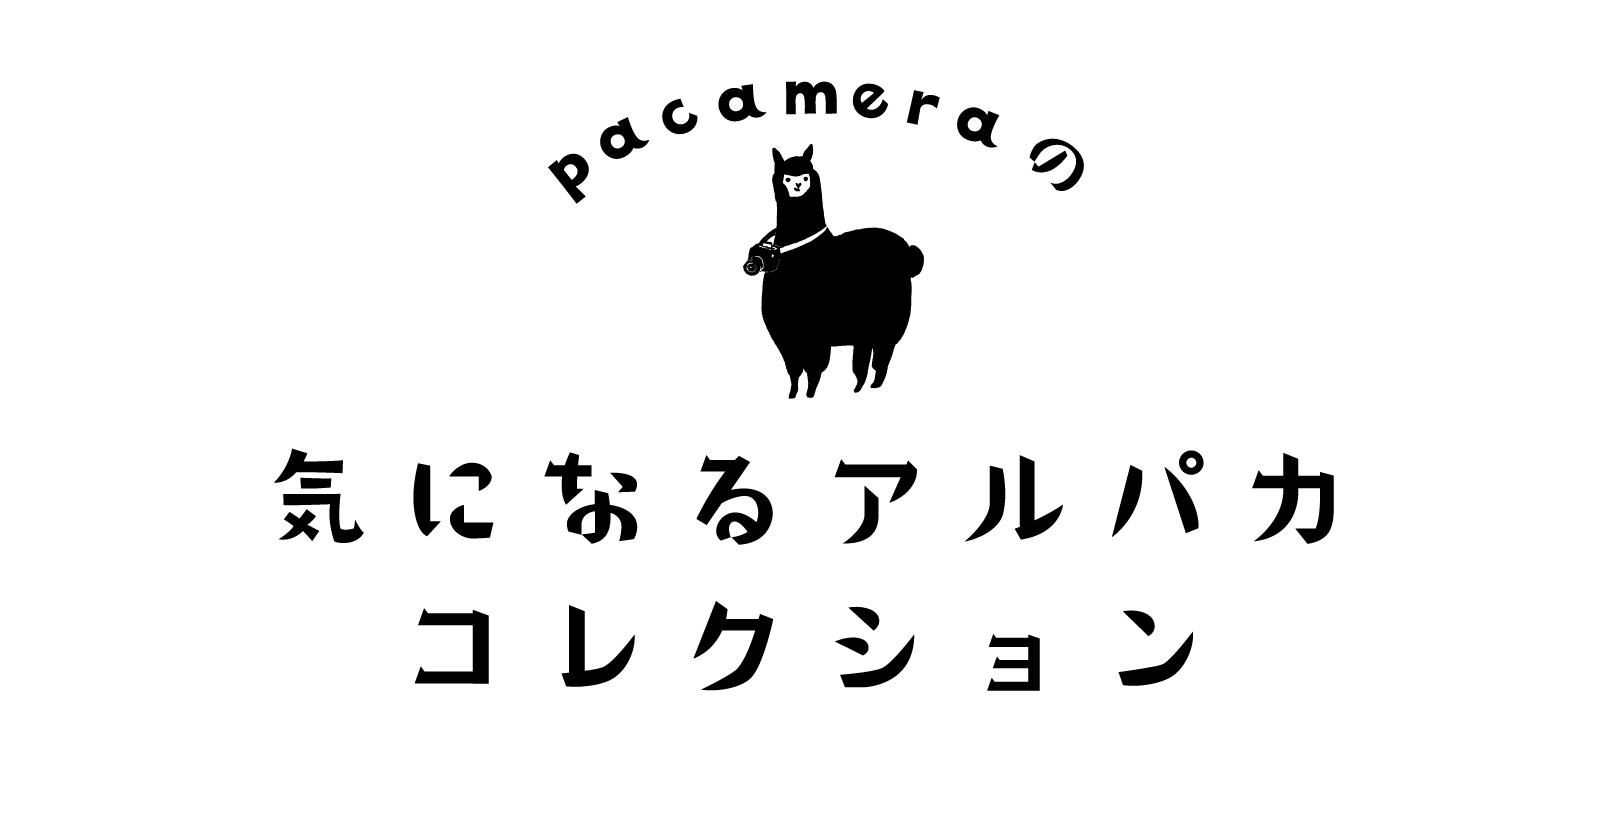 「pacameraの気になるアルパカコレクション[第1回]りゅう」のアイキャッチ画像